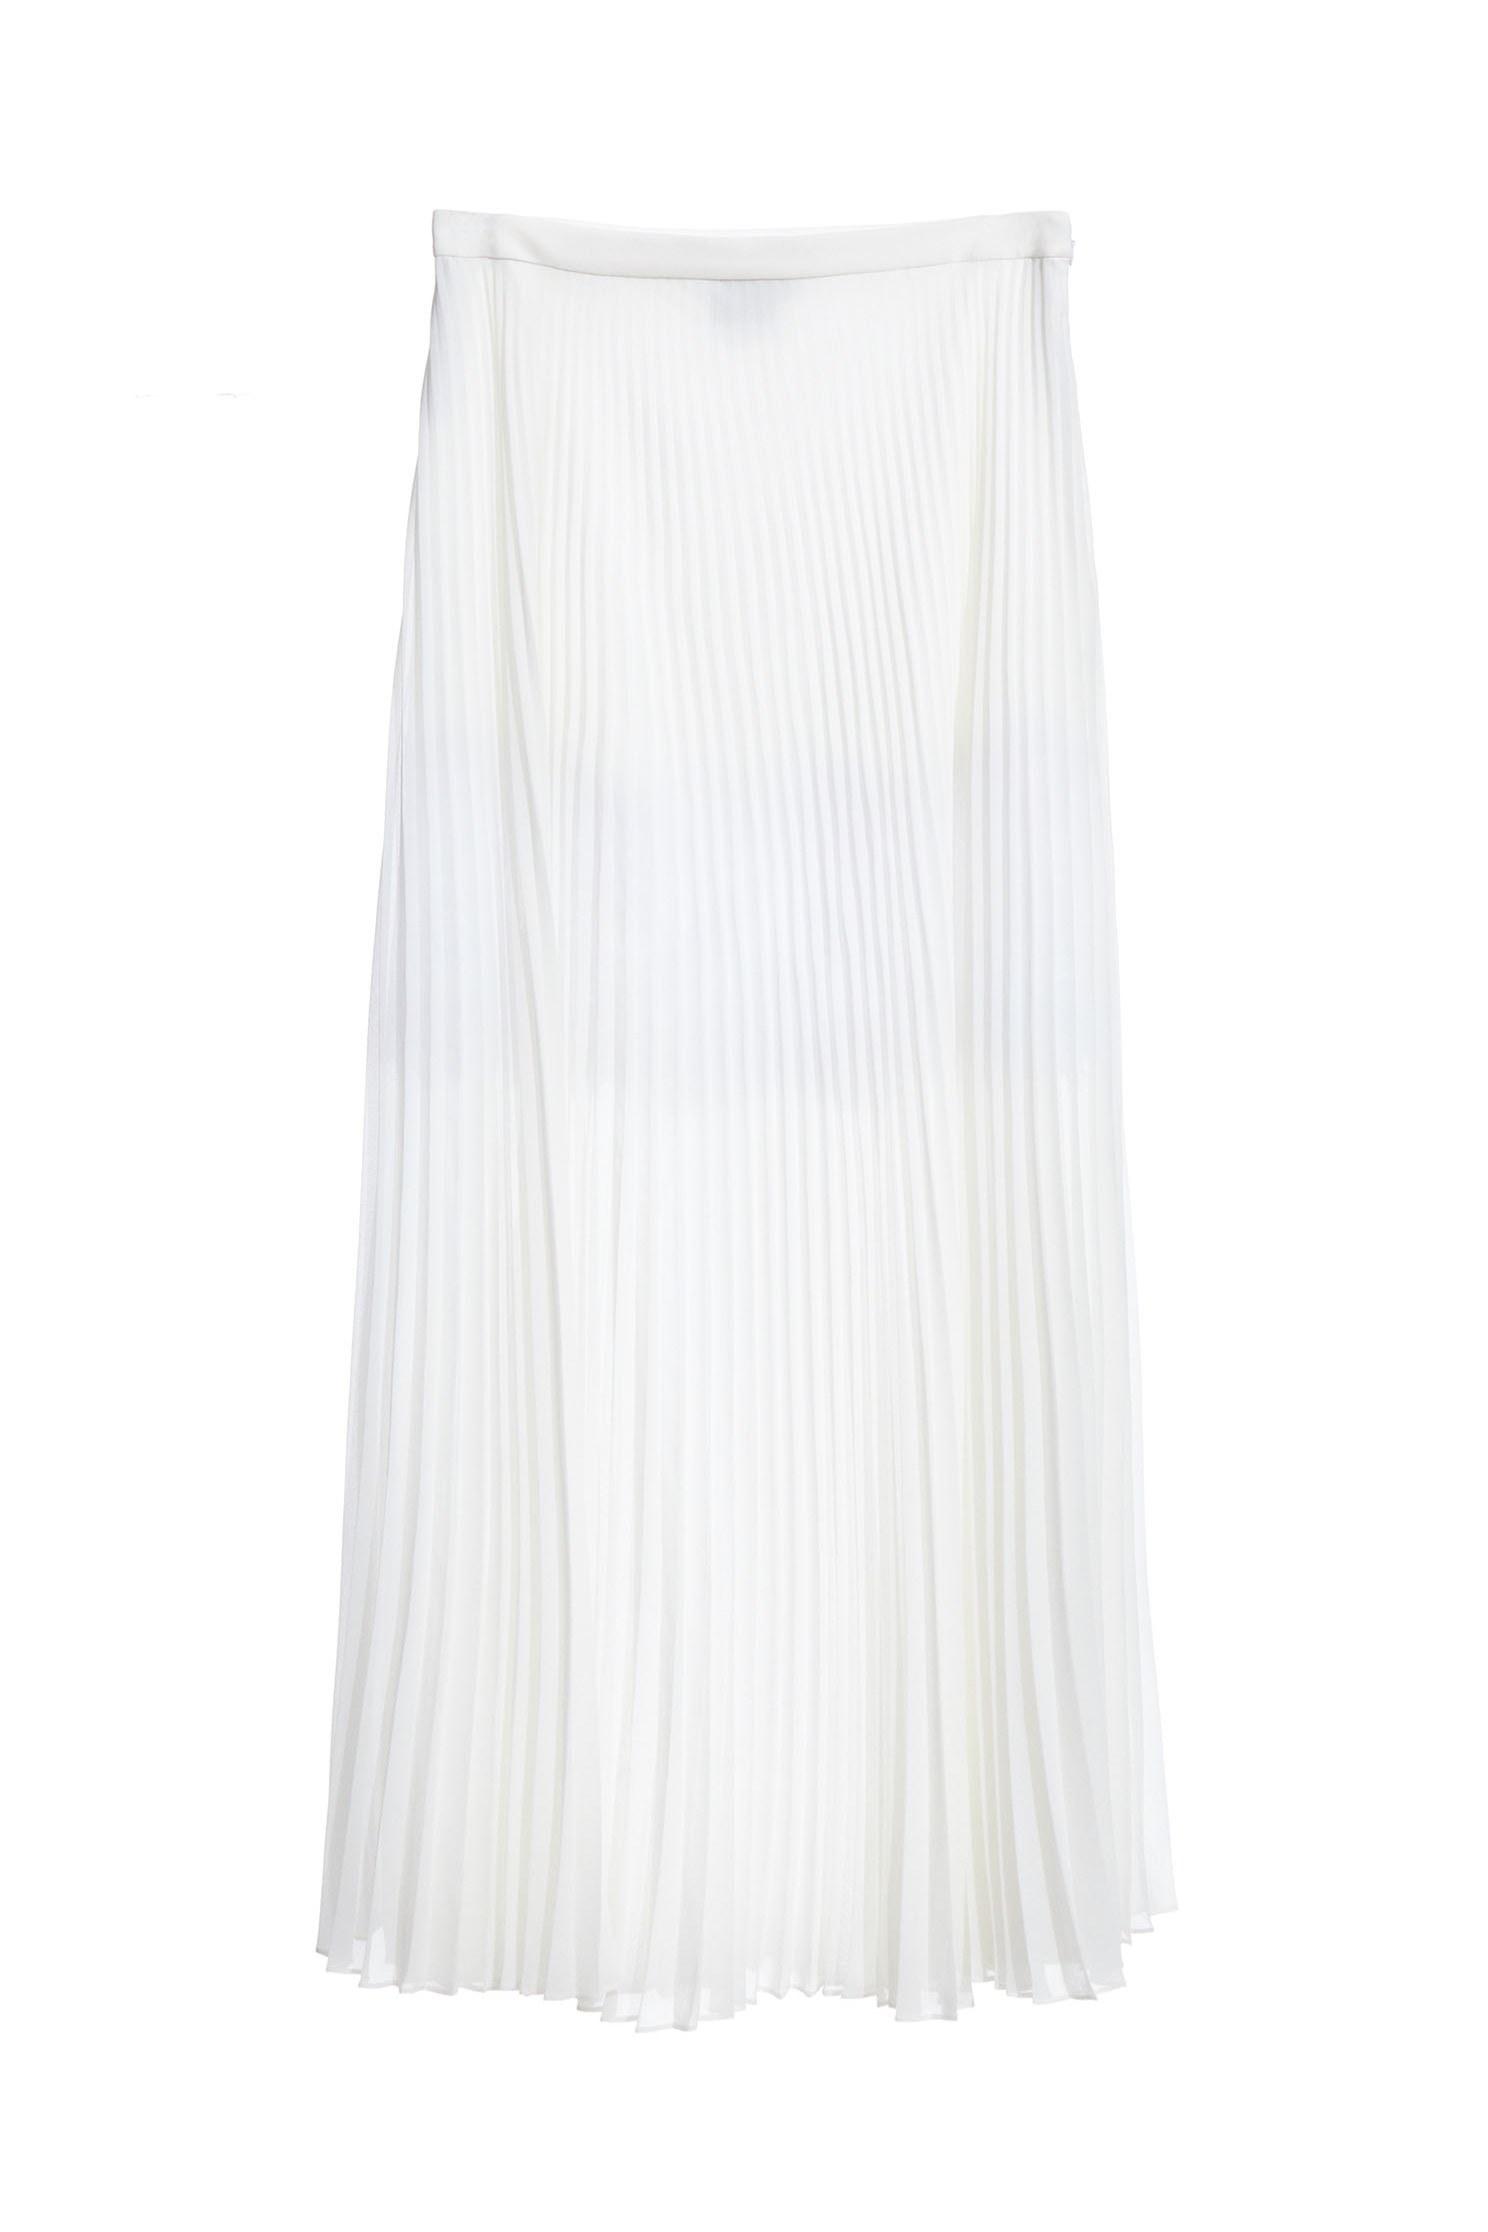 Elegant pleated maxi-skirt,whiteskirt,pleats,maxipleatedskirt,longskirt,chiffon,chiffonskirt,chiffonlongskirts